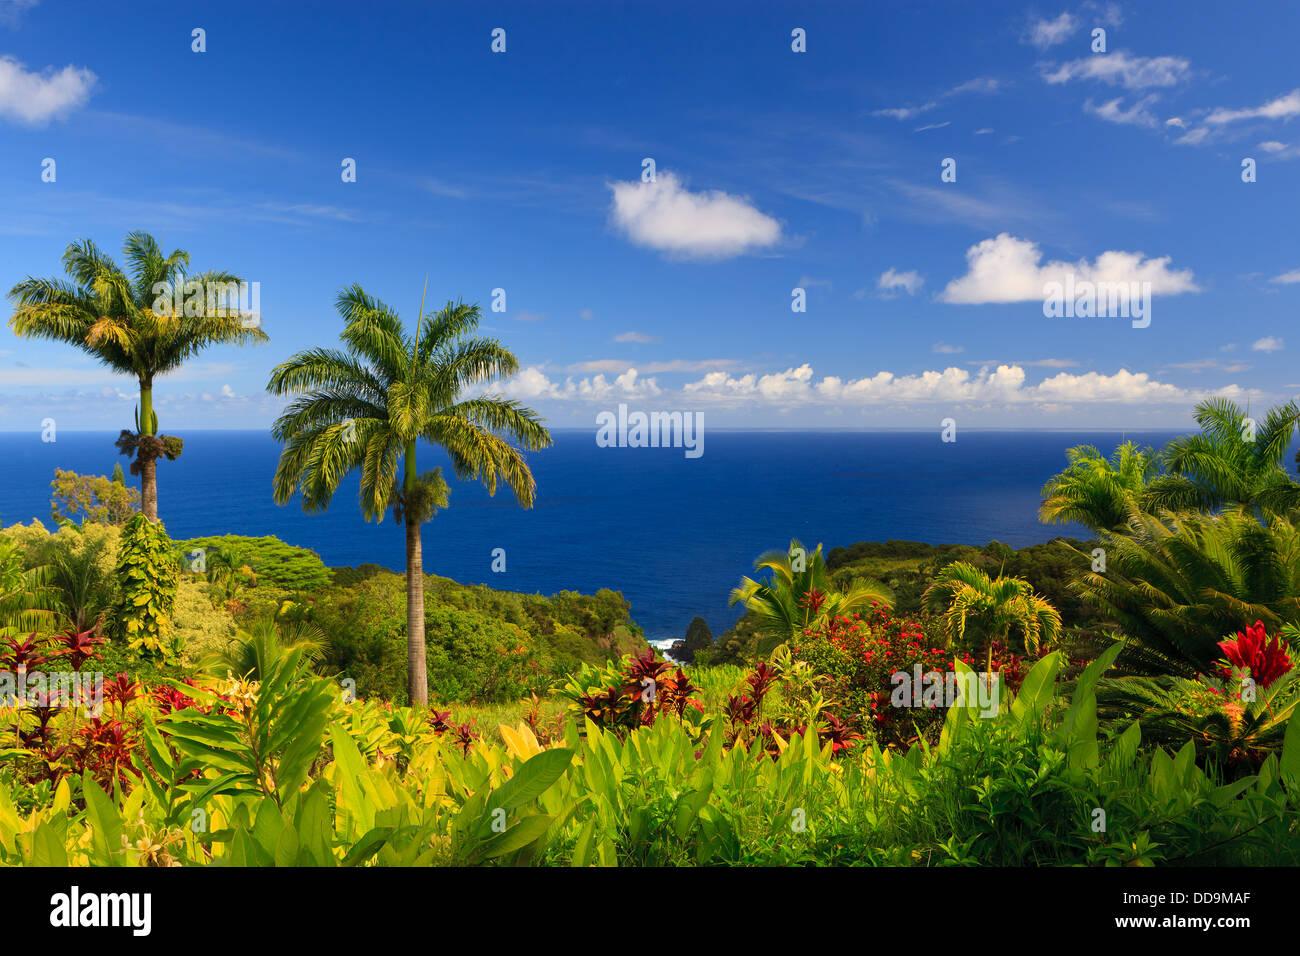 Vista al mar desde el Jardín del Edén, Maui, Hawai Foto de stock